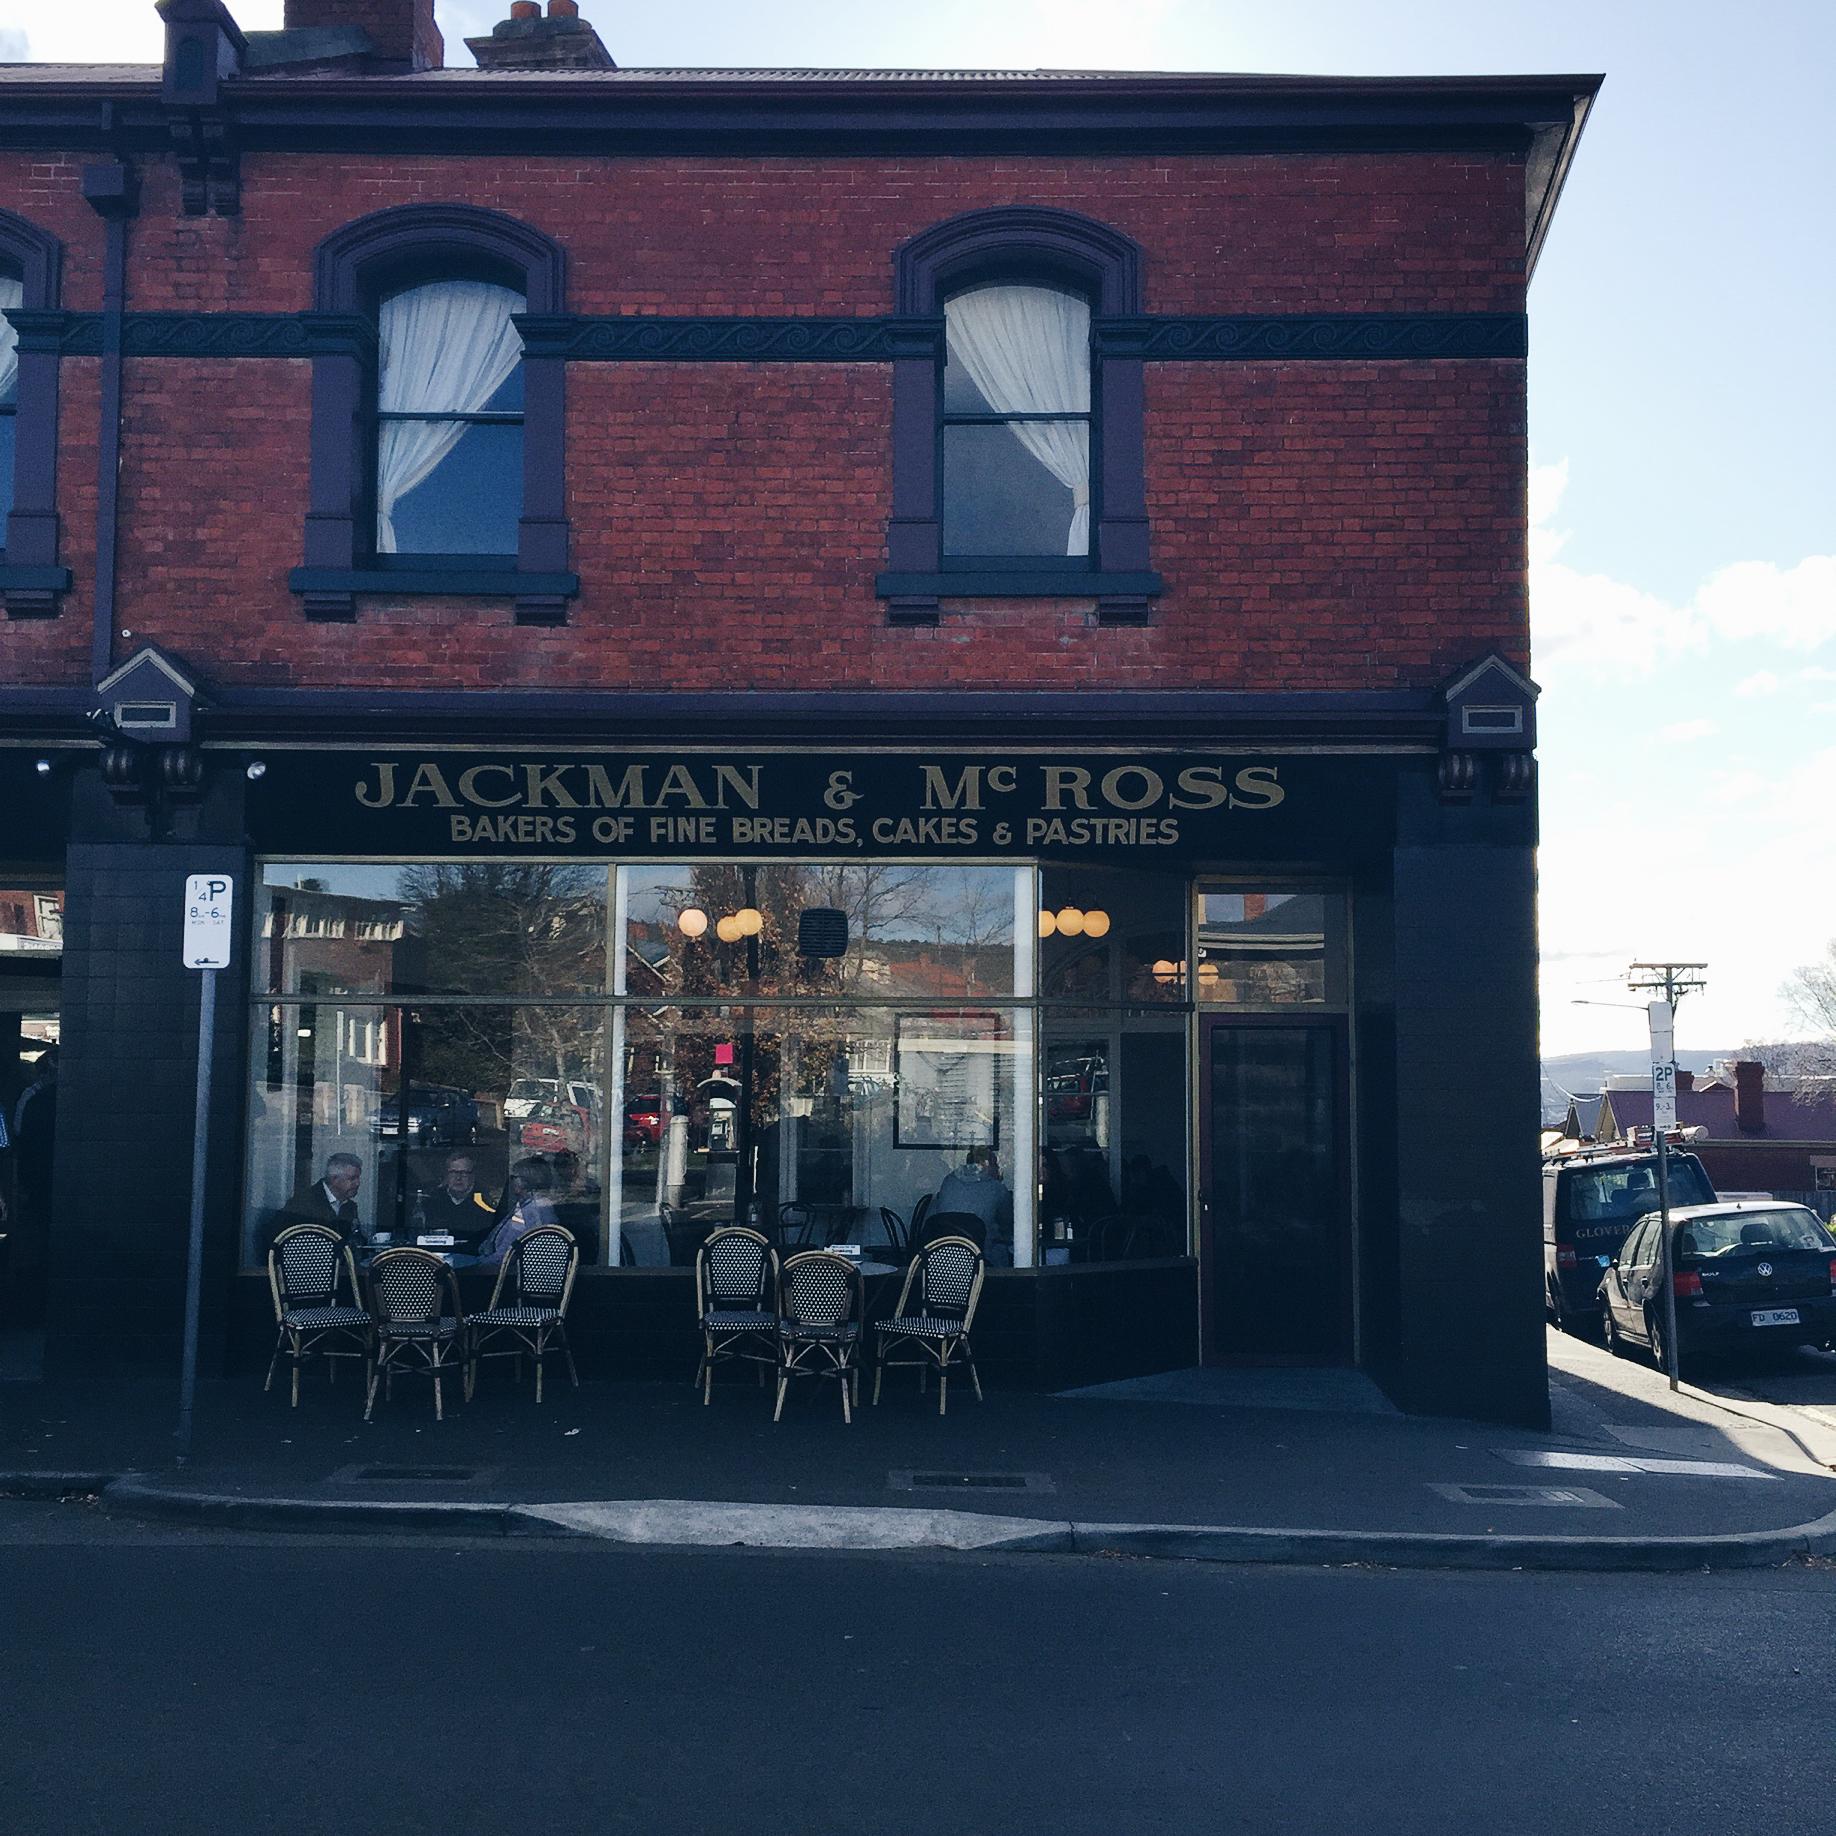 Jackson mcross bakery